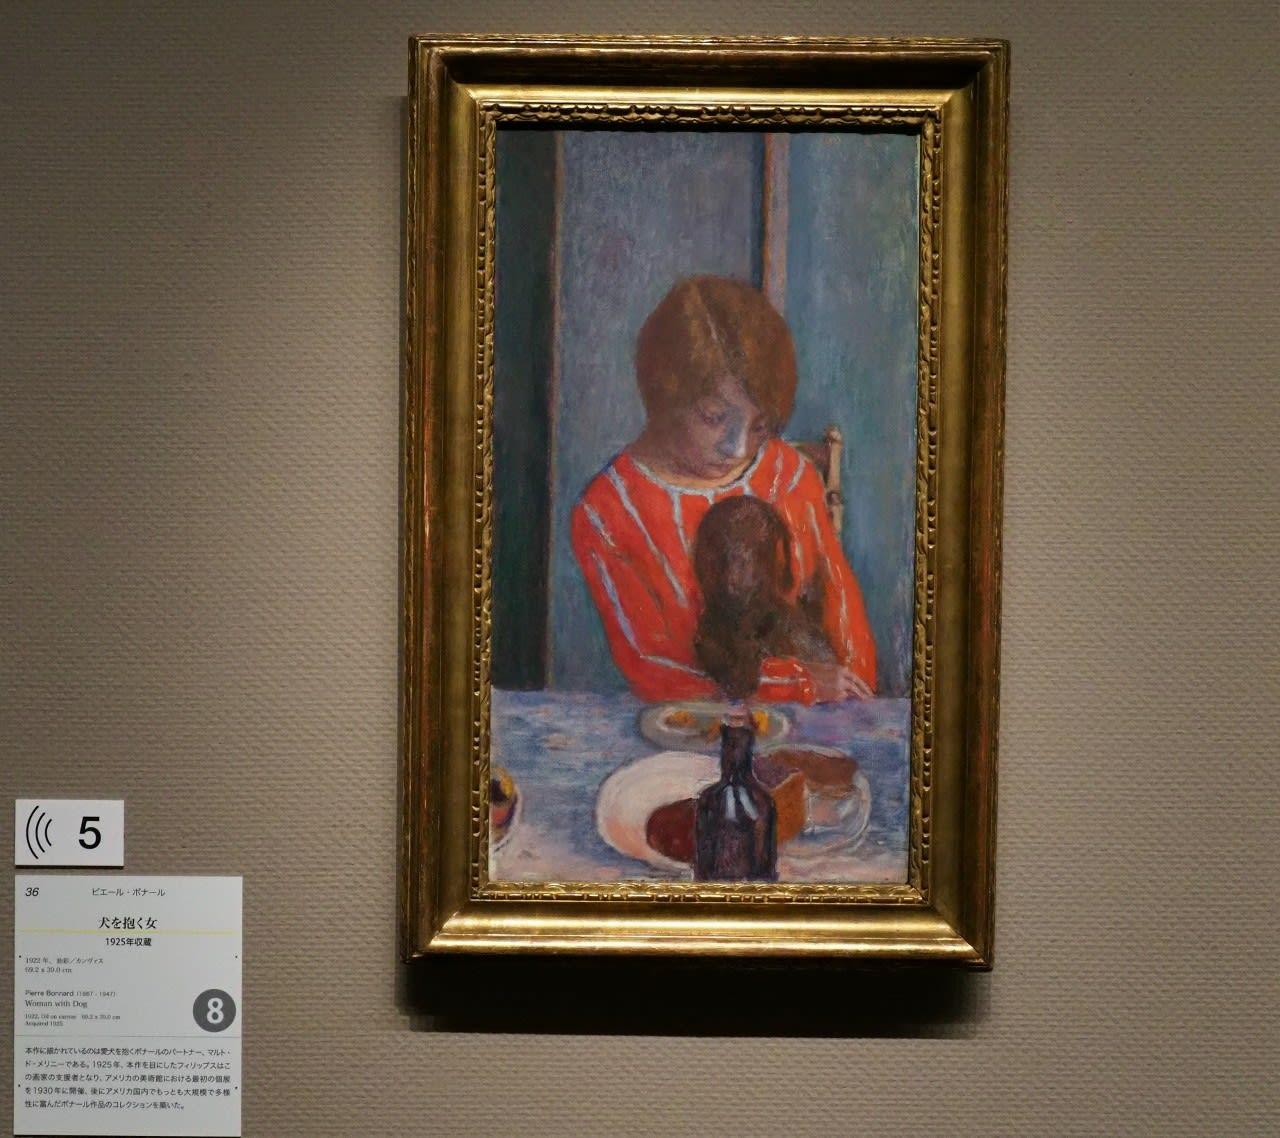 アート 西洋画」のブログ記事一覧-光と影のつづれ織り